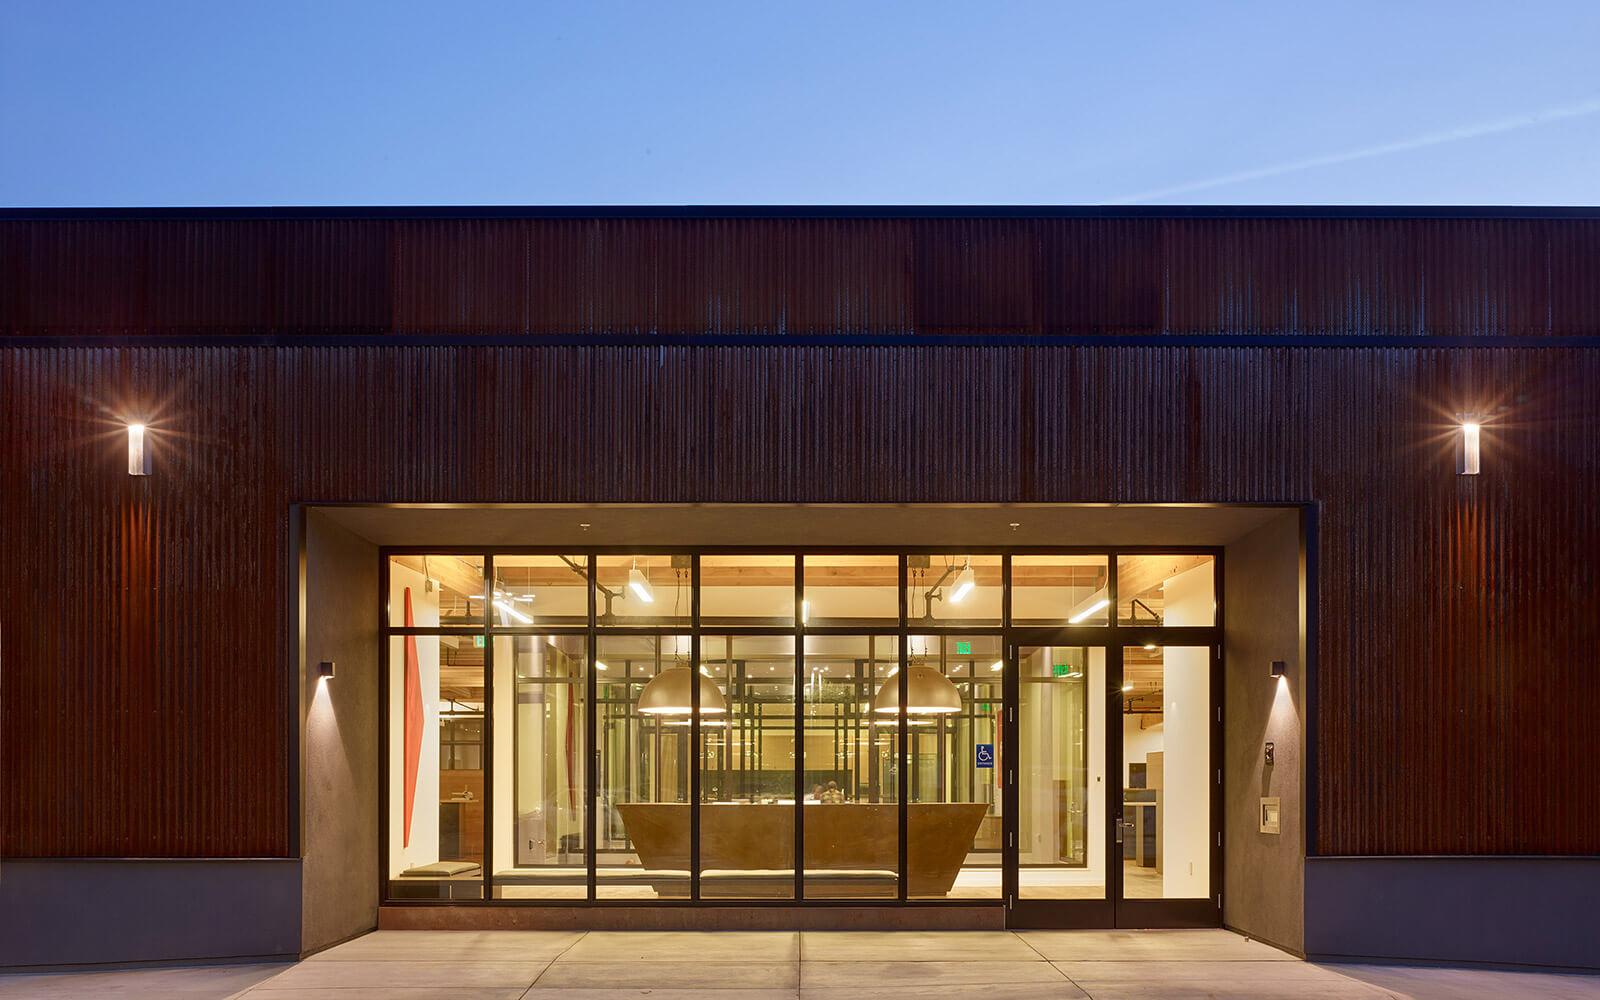 studio vara workplace redwood highway exterior front desk